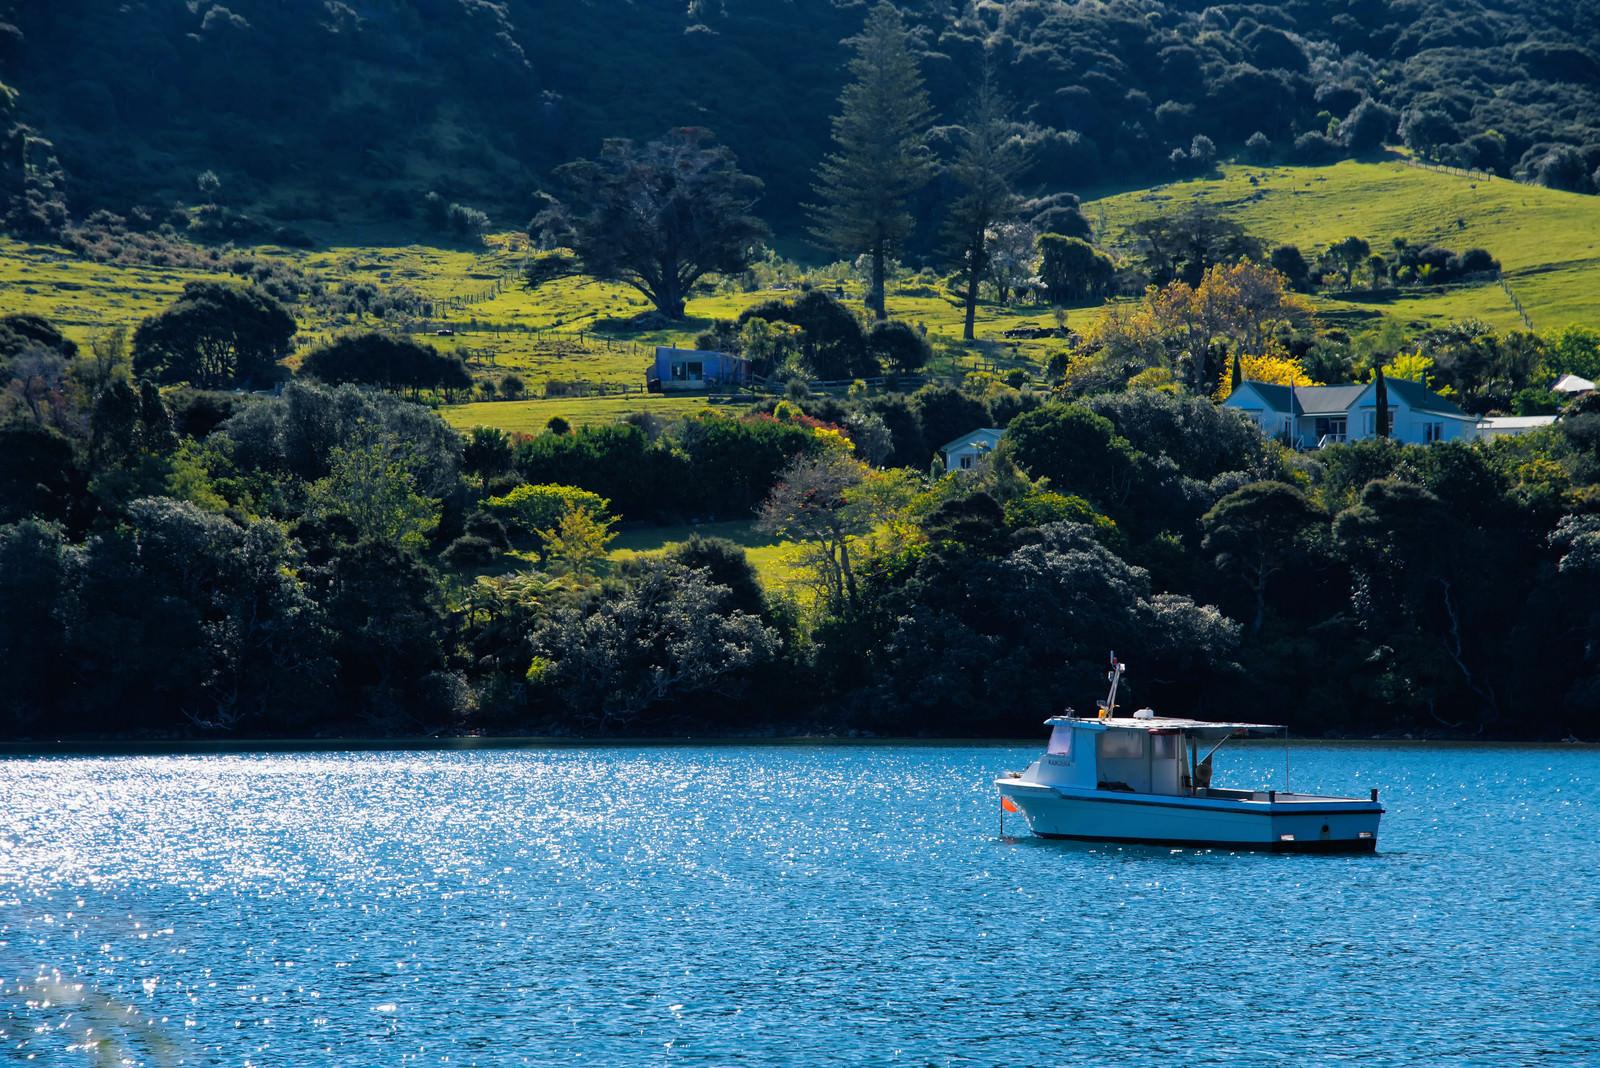 「グレートバリア島の入り江に停まるボート(ニュージーランド)」の写真